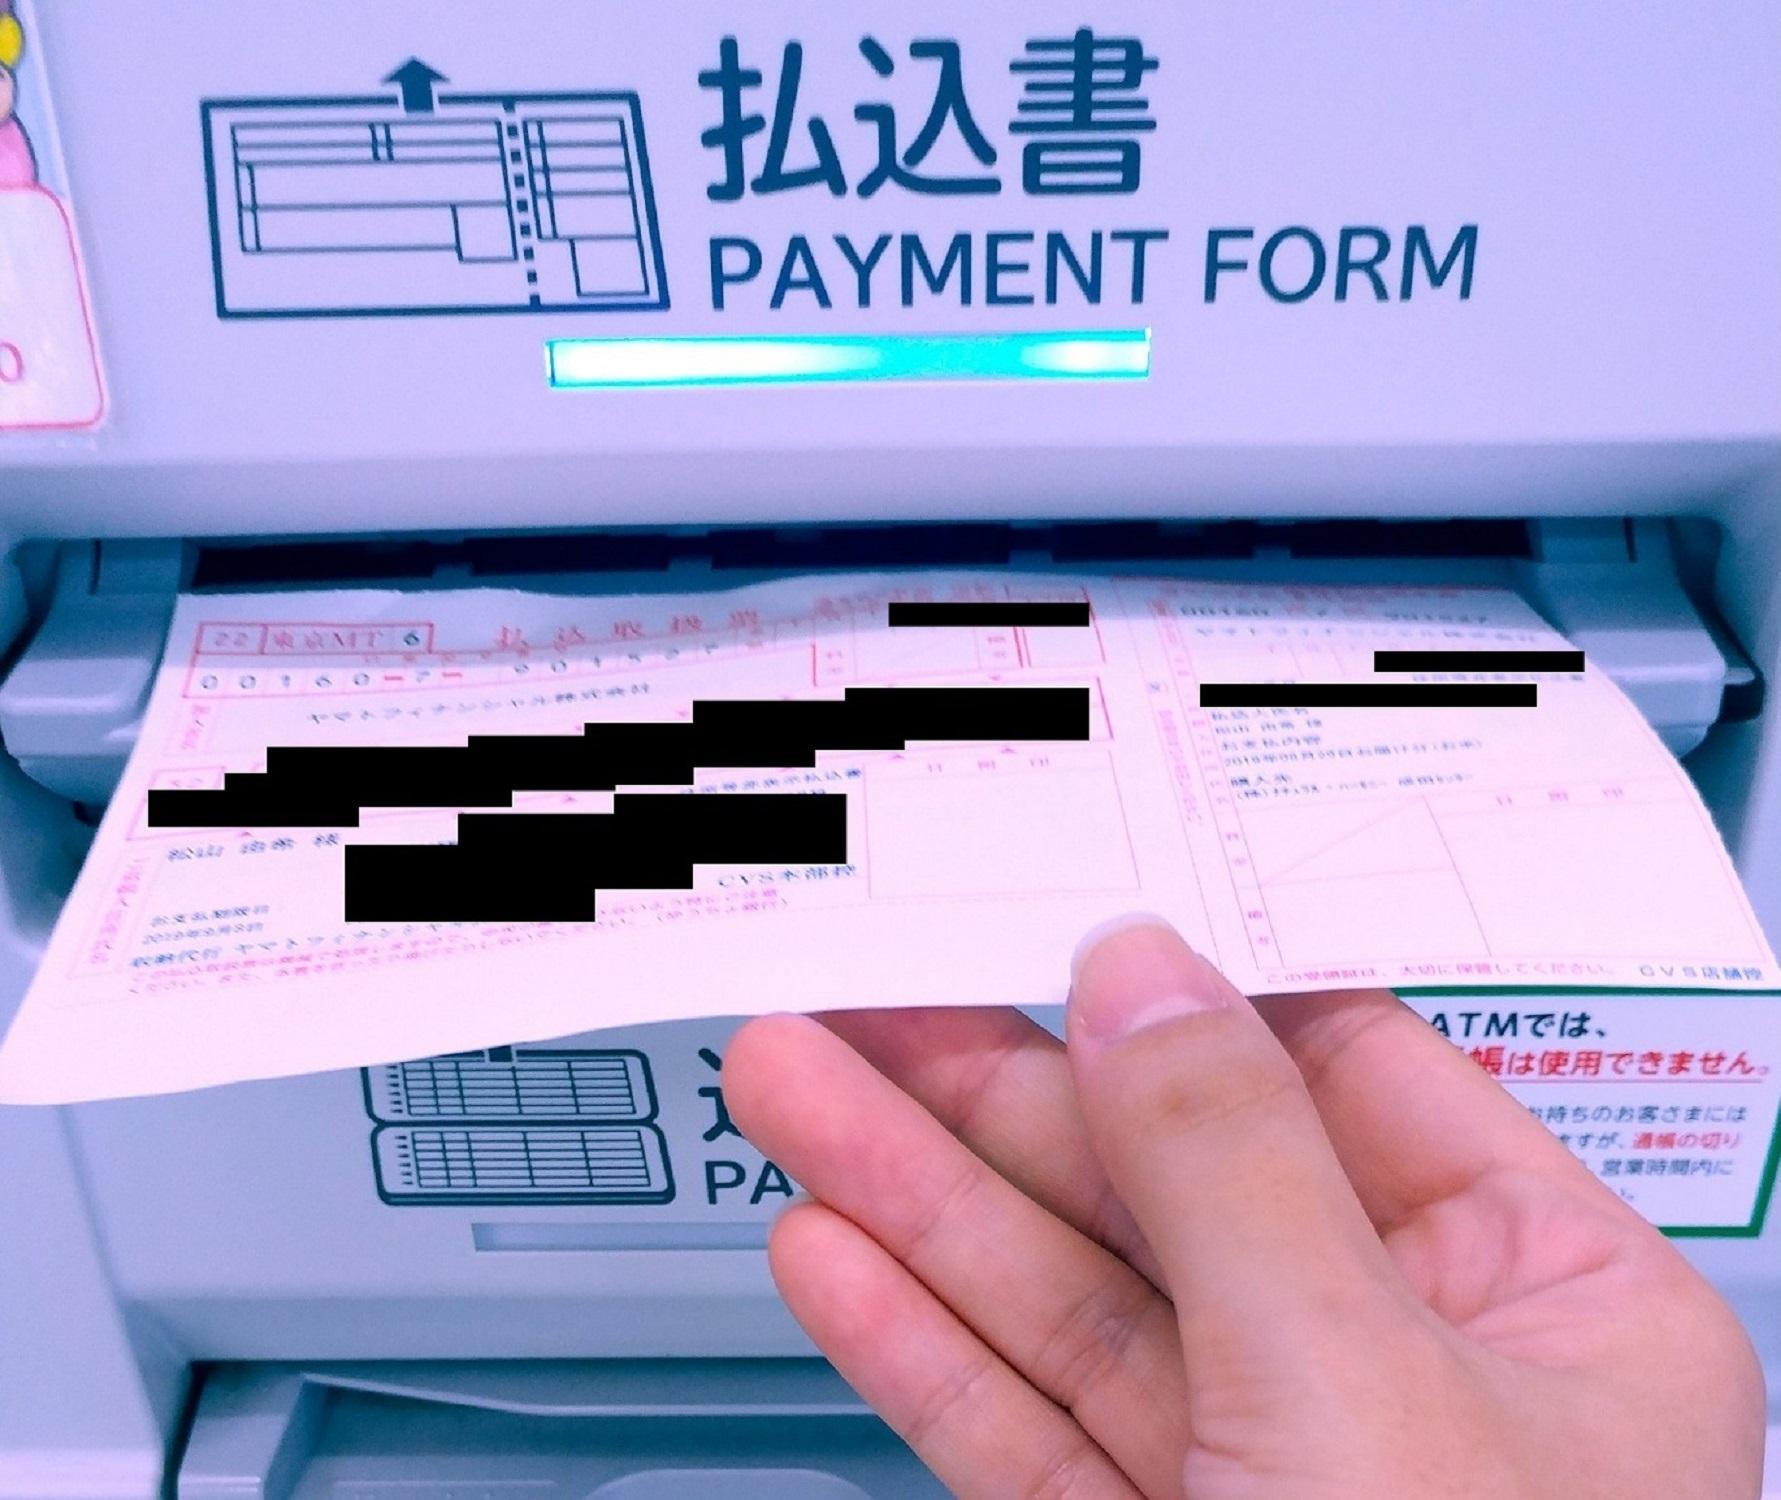 局 振込 用紙 手数料 郵便 ミアコスチューム・リンクページ